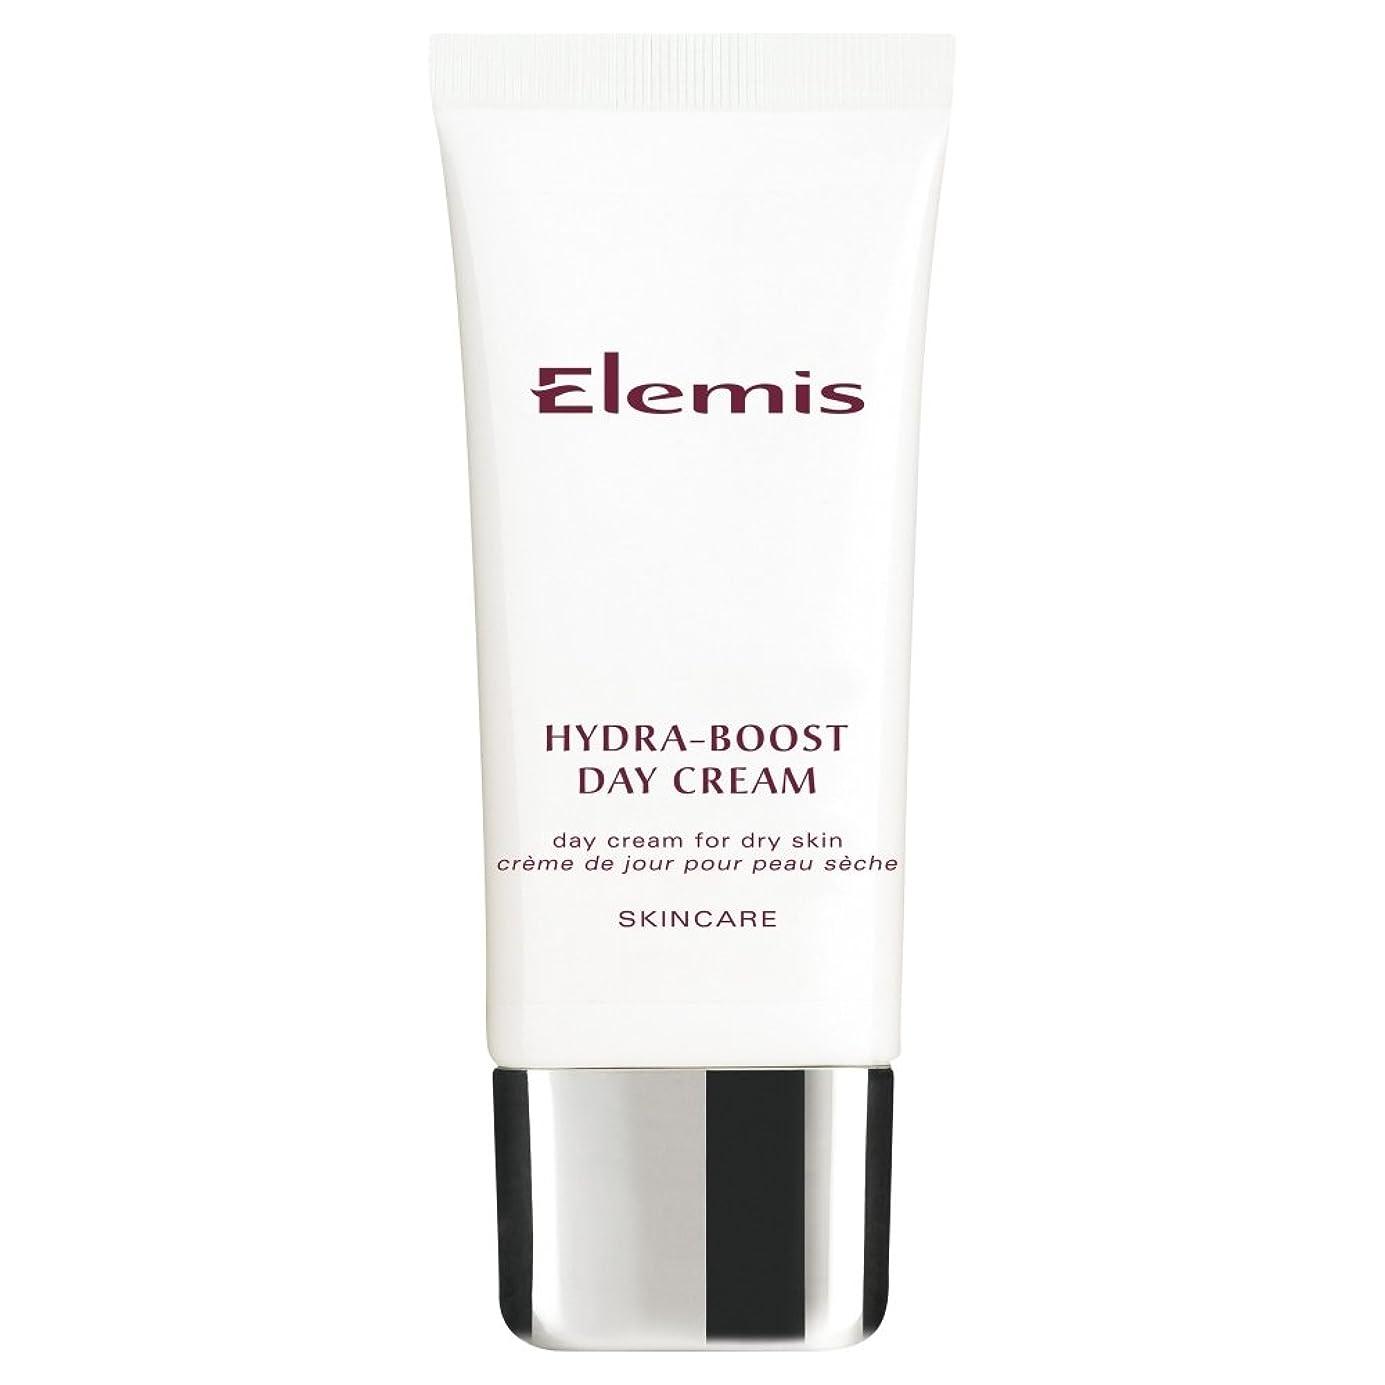 氷一掃する従者エレミスヒドラ?ブースト?デイクリーム、50ミリリットル (Elemis) (x2) - Elemis Hydra-Boost Day Cream, 50ml (Pack of 2) [並行輸入品]